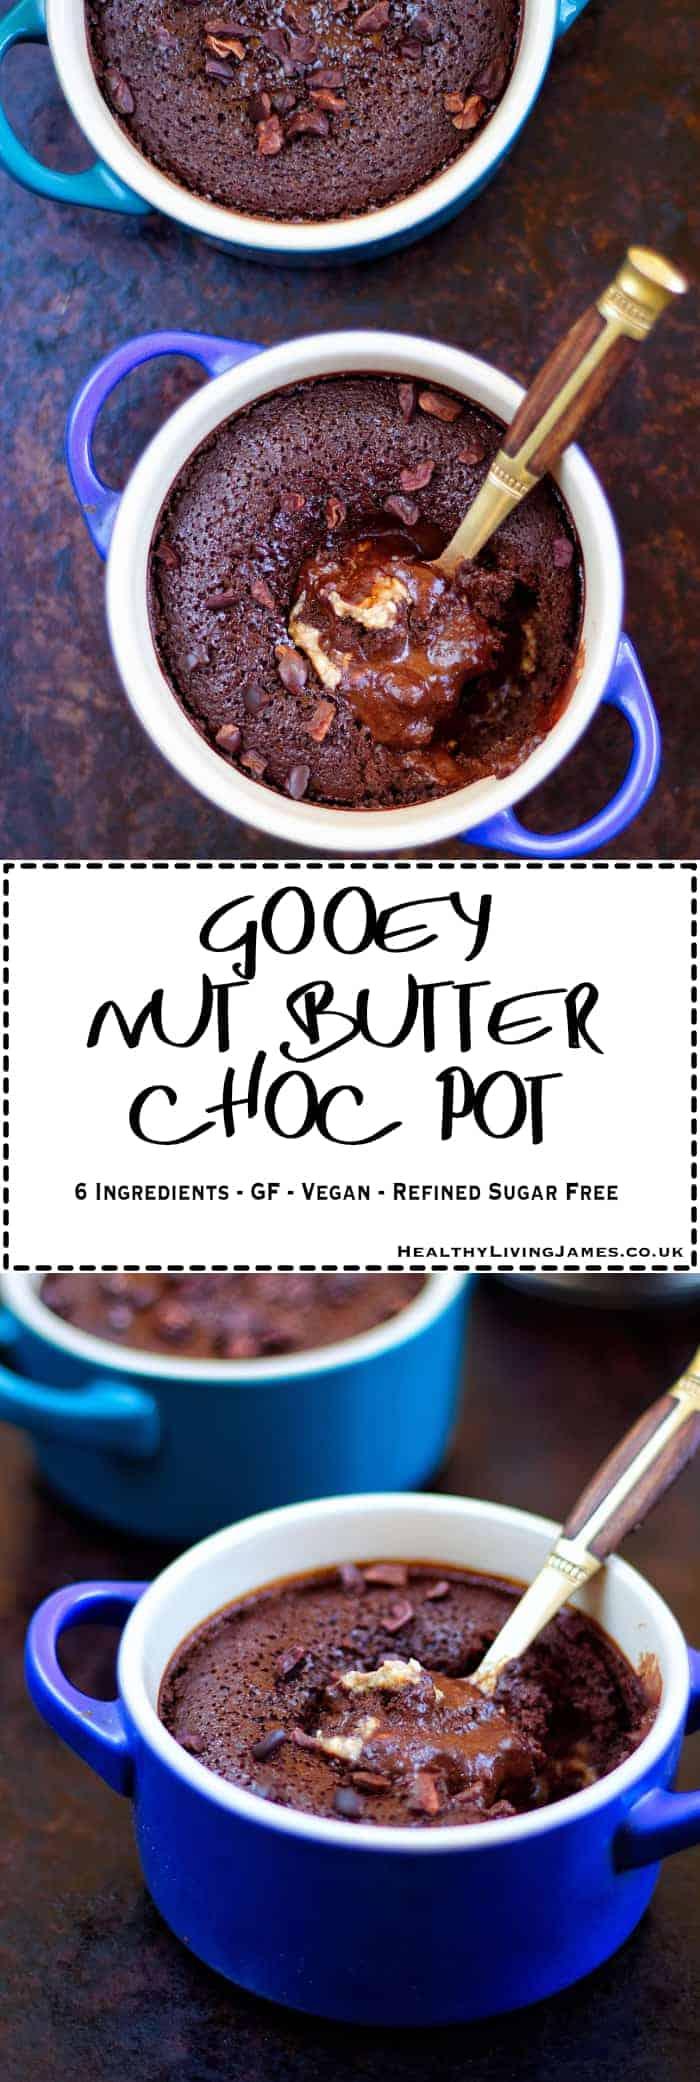 Nut Butter Choc Pot Pinterest